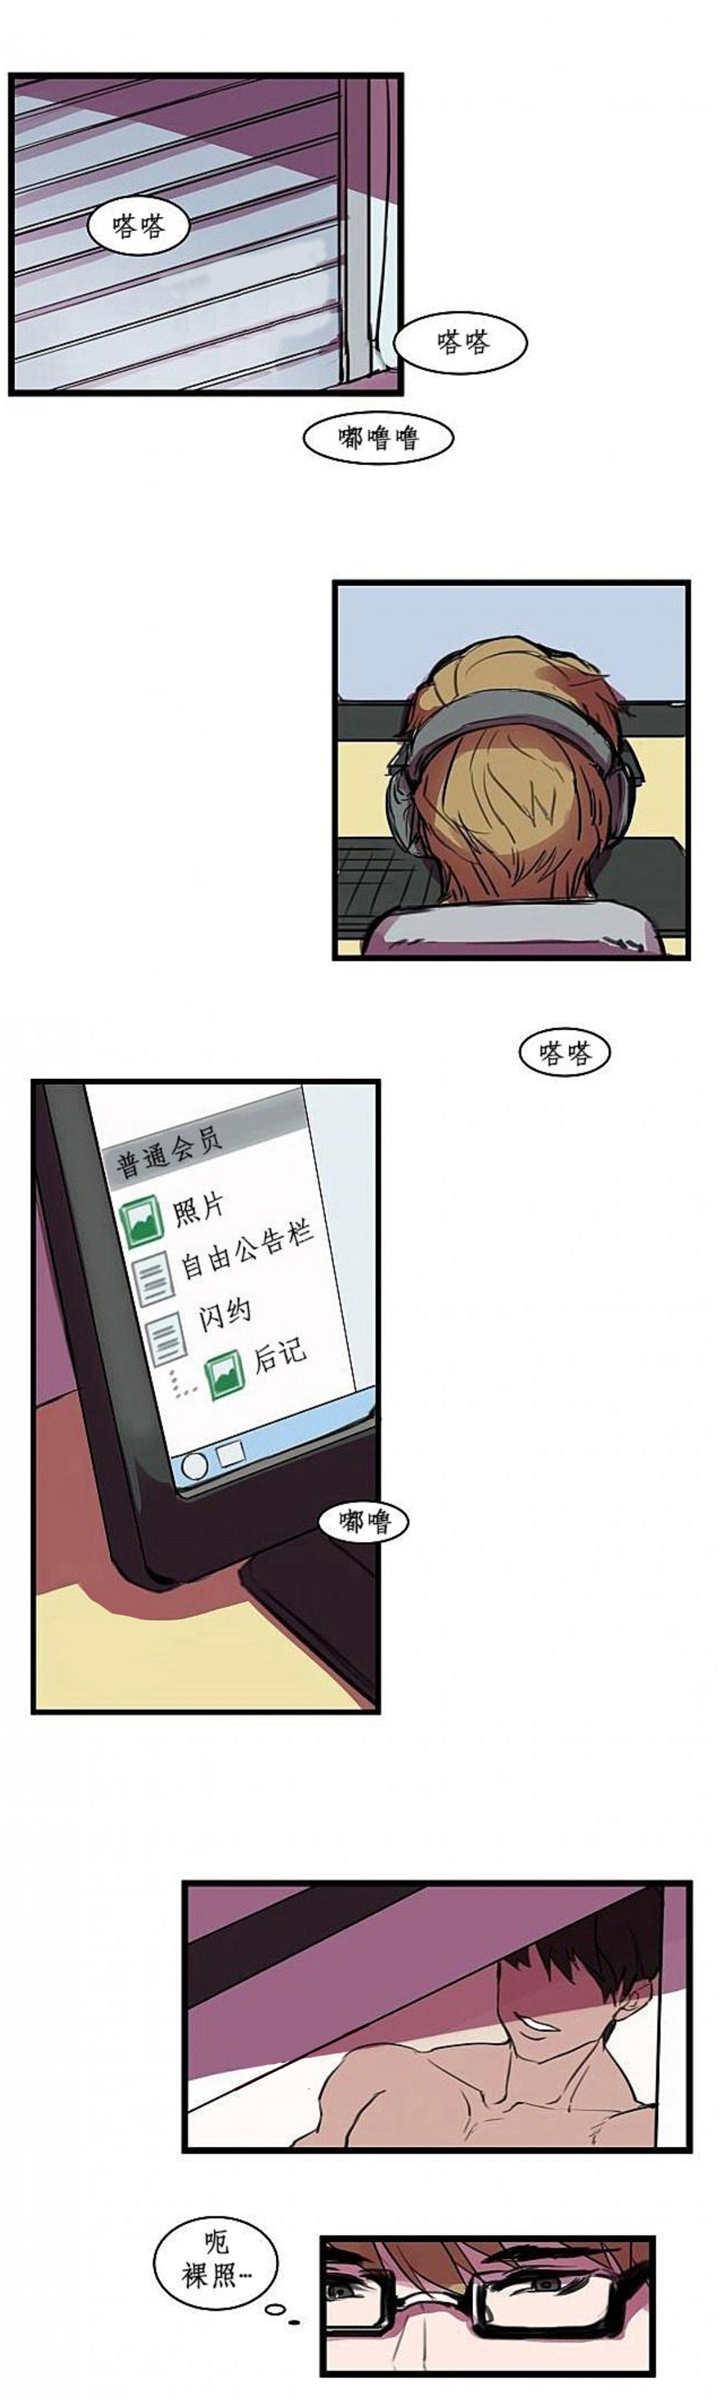 《盛装之下》漫画韩漫 (免费无删减)——(百度云网盘资源)